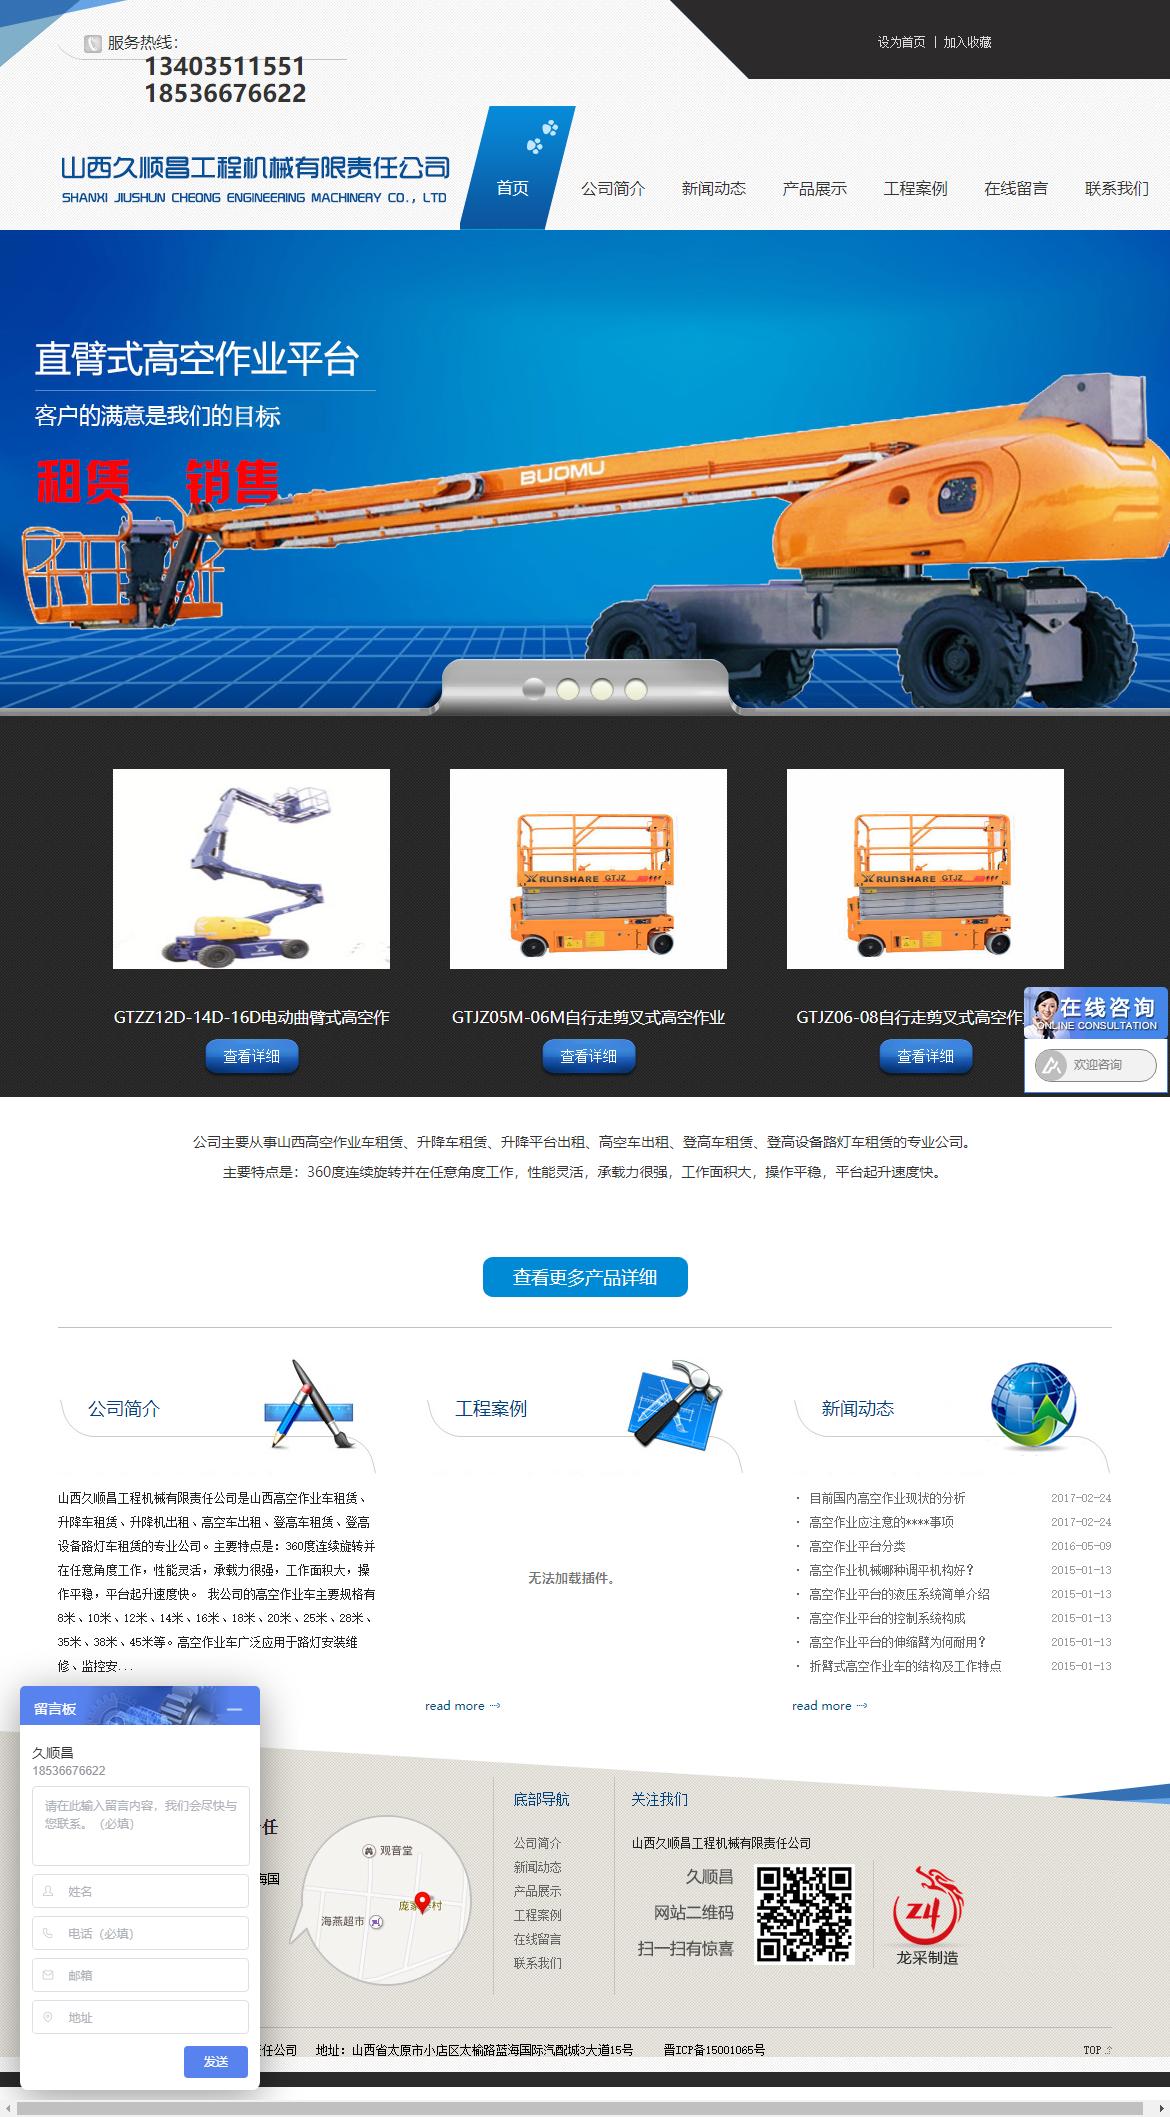 山西久顺昌工程机械有限责任公司网站案例